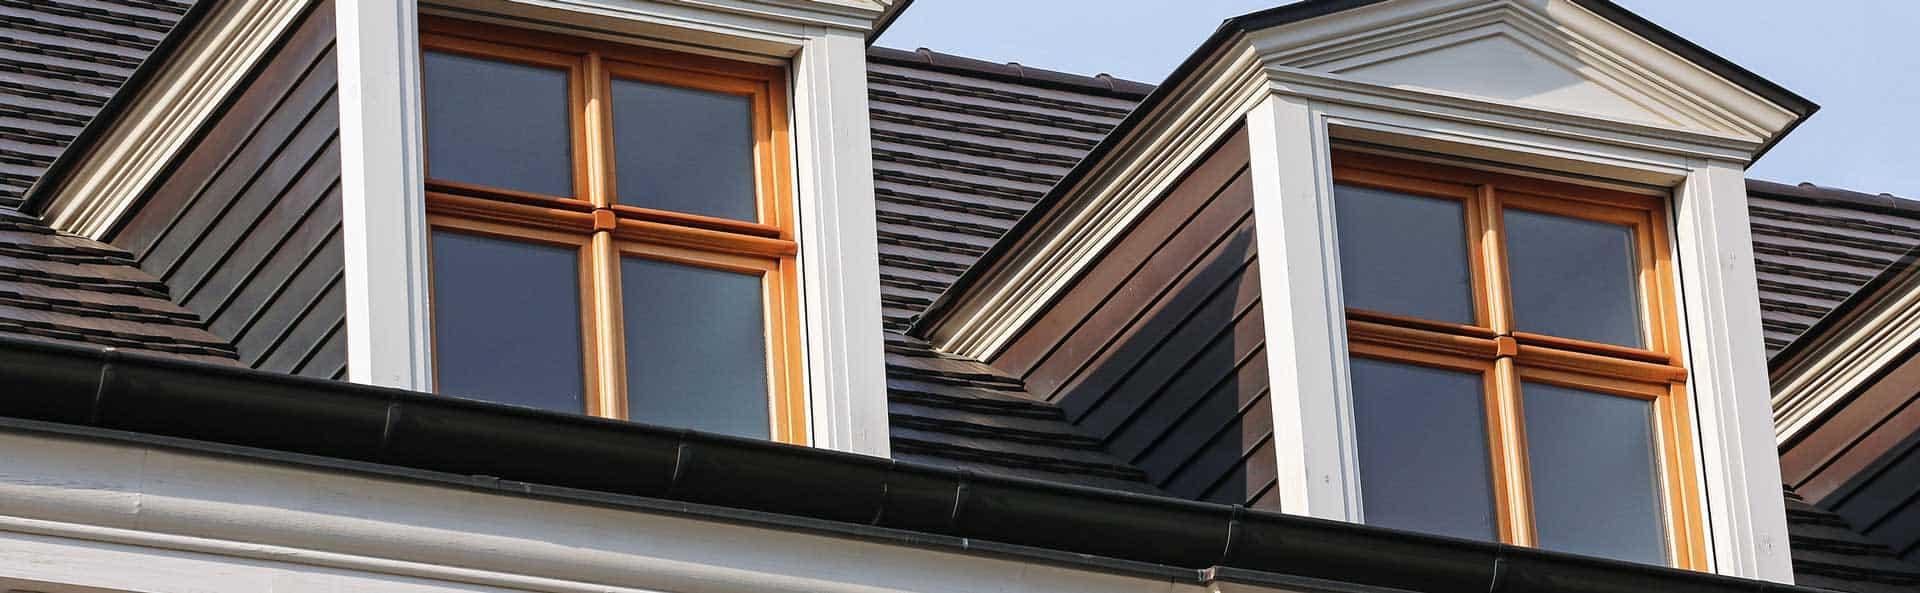 Holzfenster streichen und renovieren